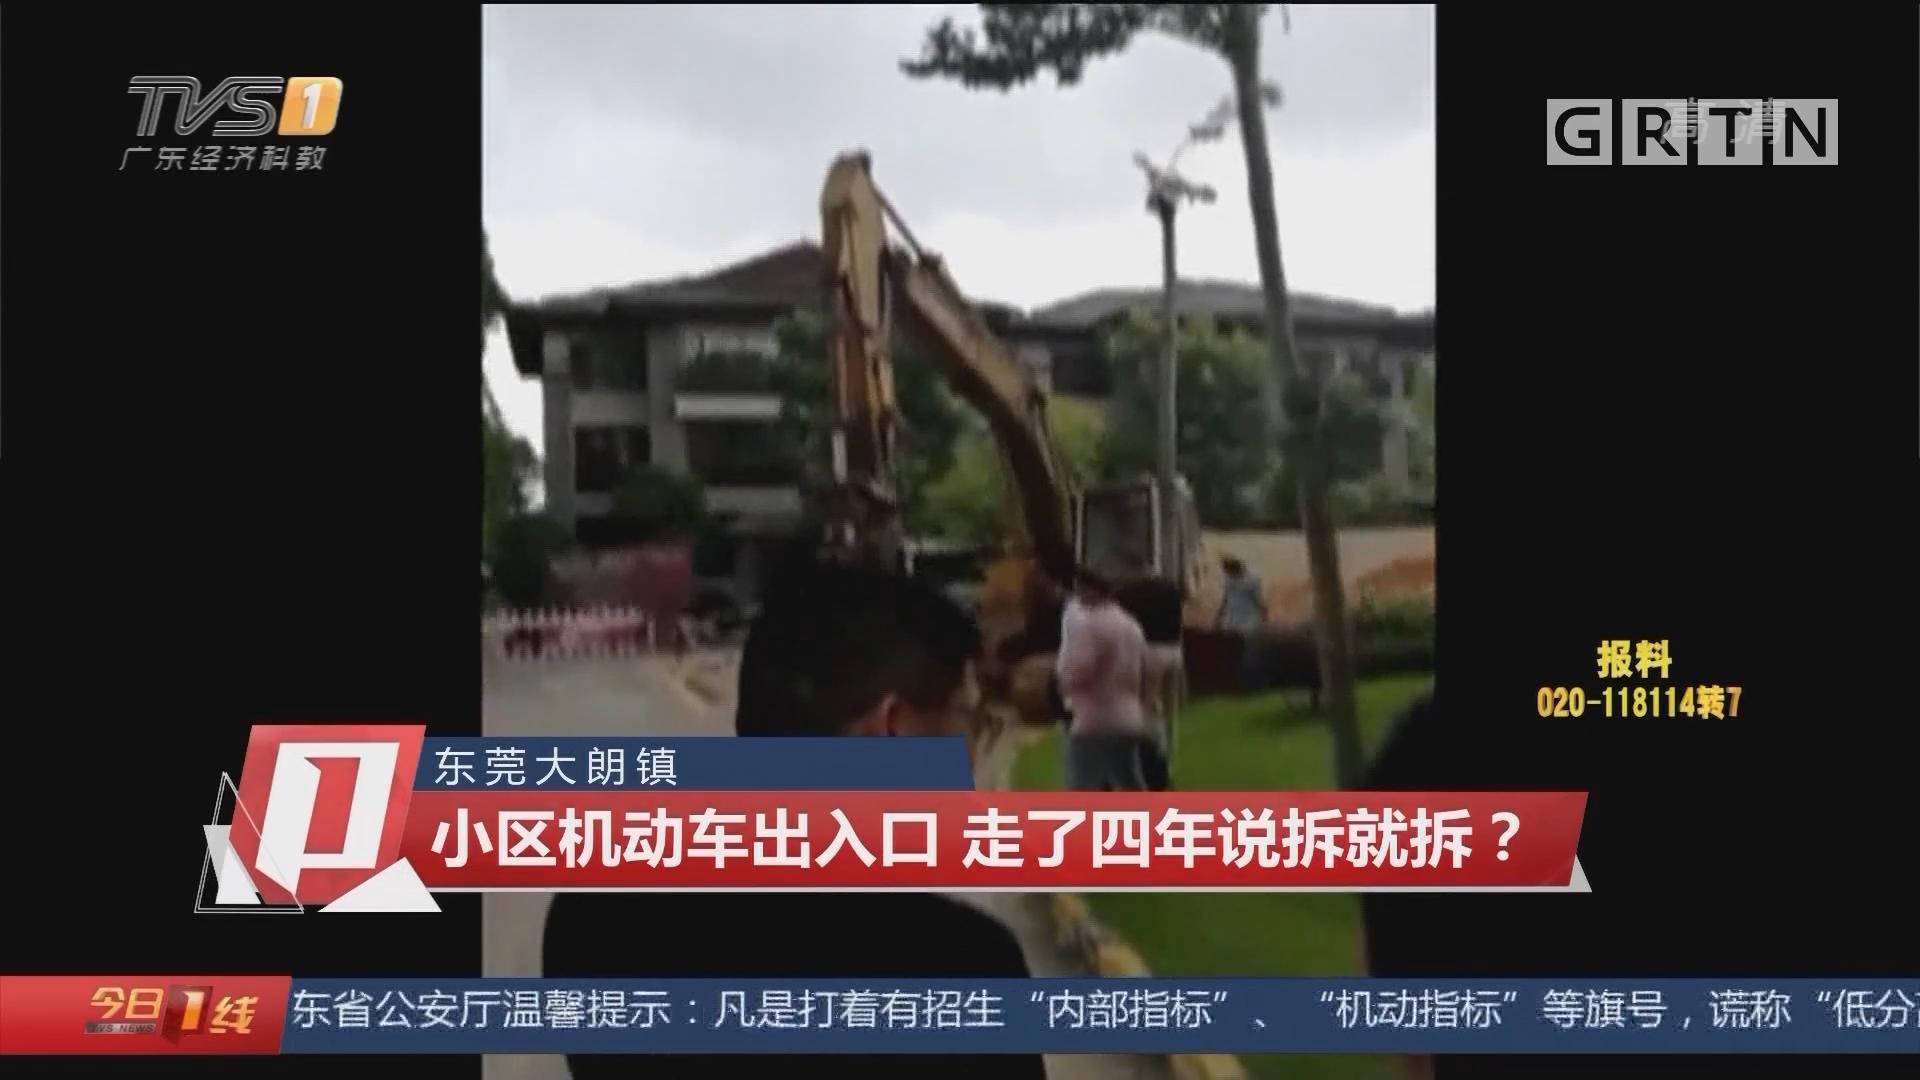 东莞大朗镇:小区机动车出入口 走了四年说拆就拆?